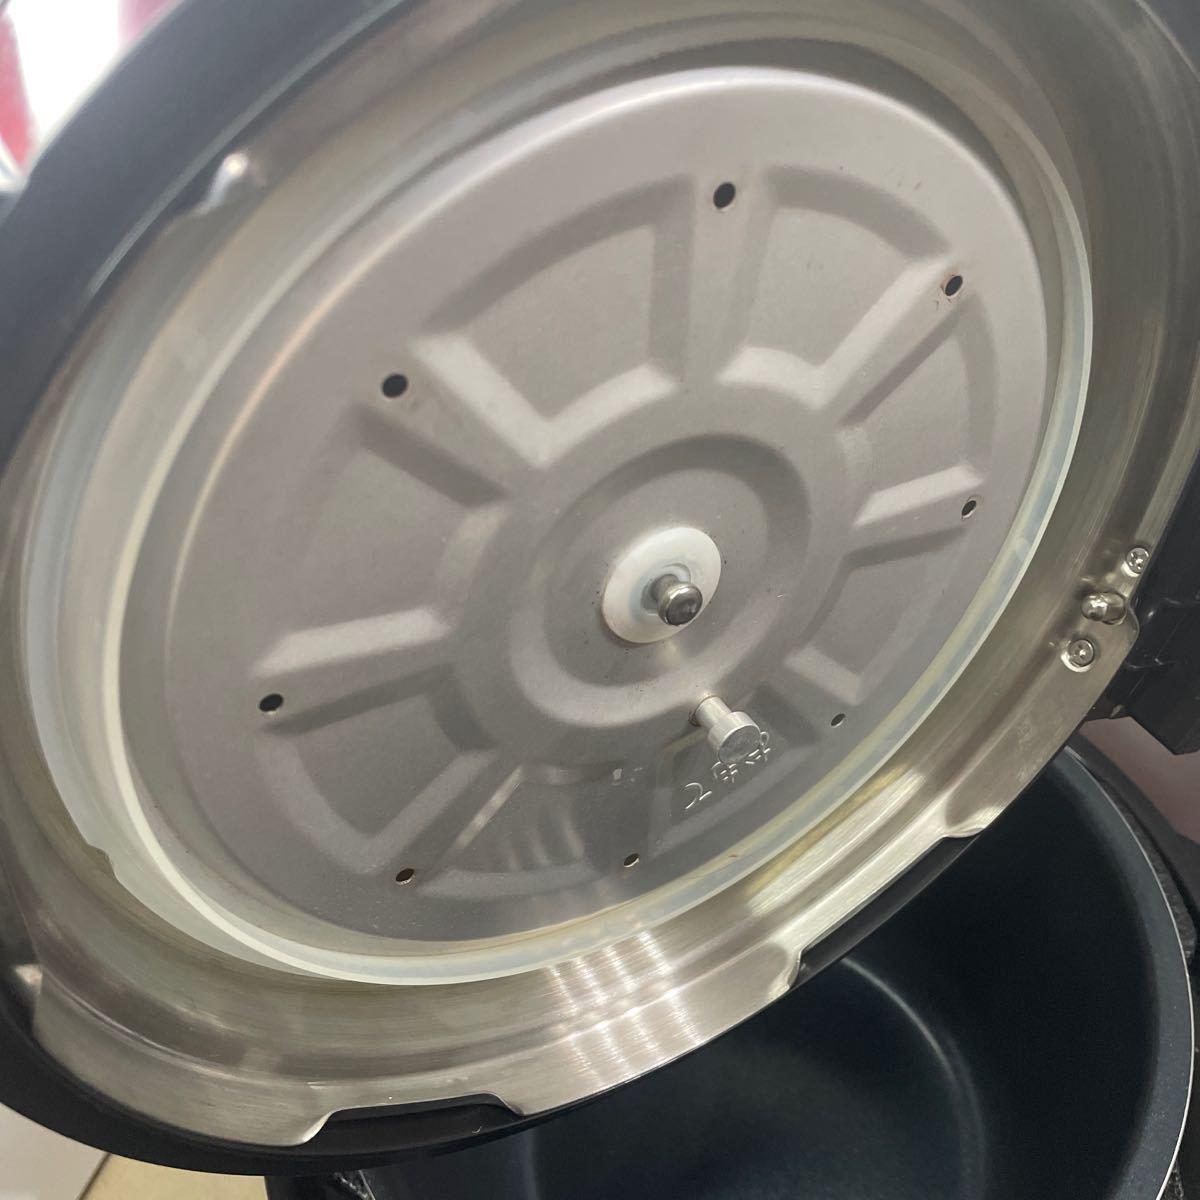 電気圧力鍋クッキングプロ専用レシピセット タイマー機能付 炊飯器 無水調理 圧力鍋 蒸し料理 正規品